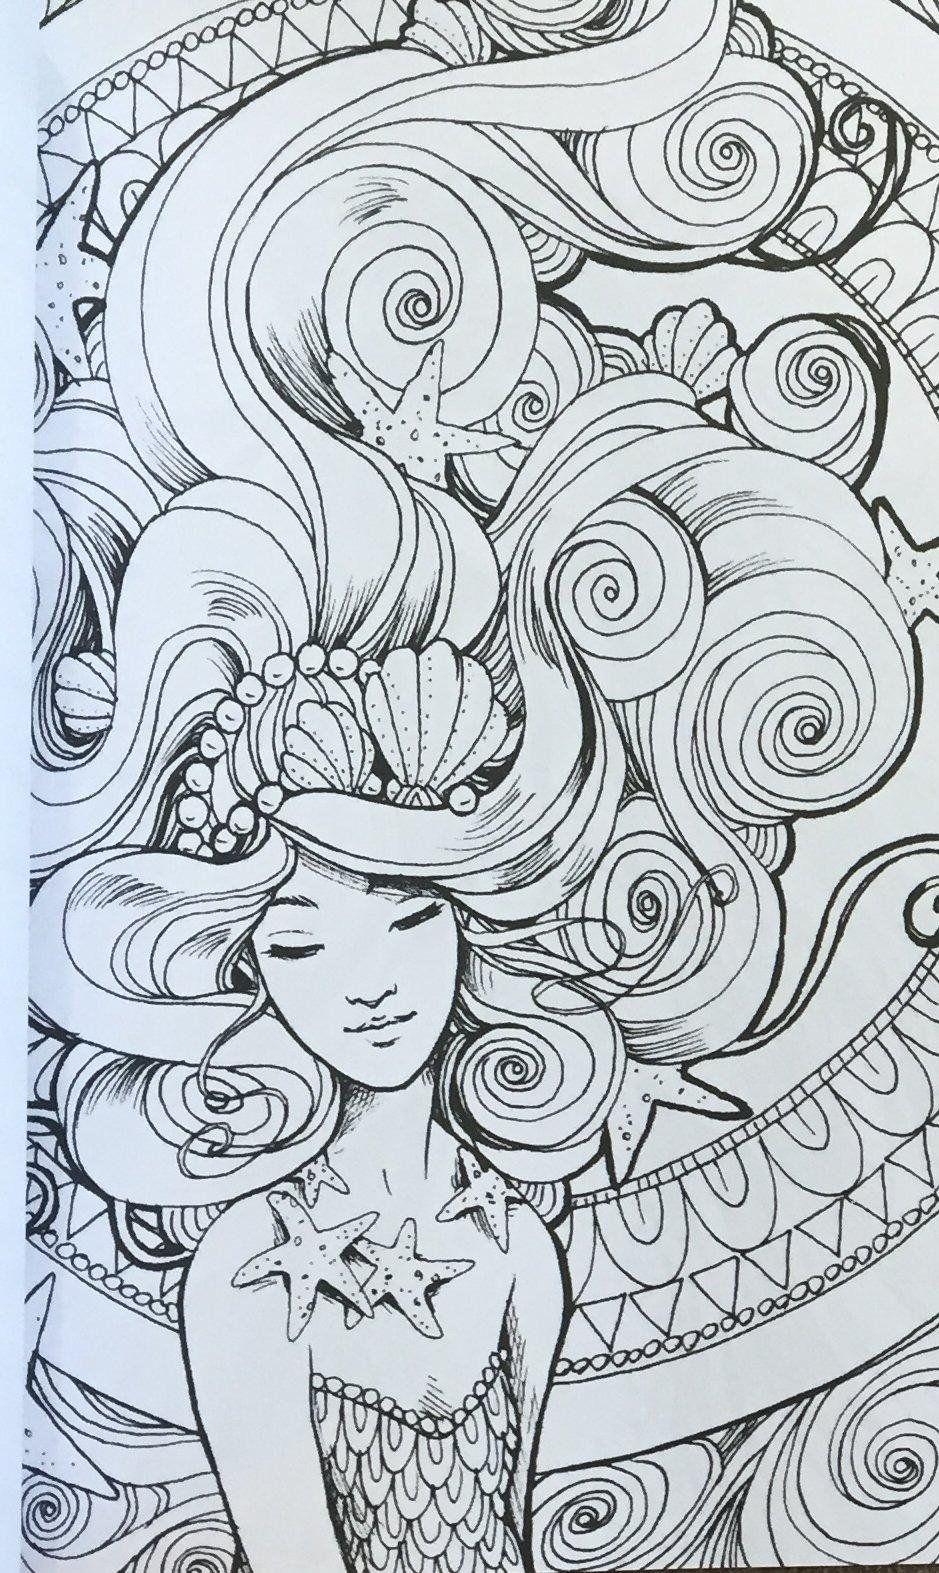 Pin de Cristina B. en Mermaid coloring pages | Pinterest | Imágenes ...